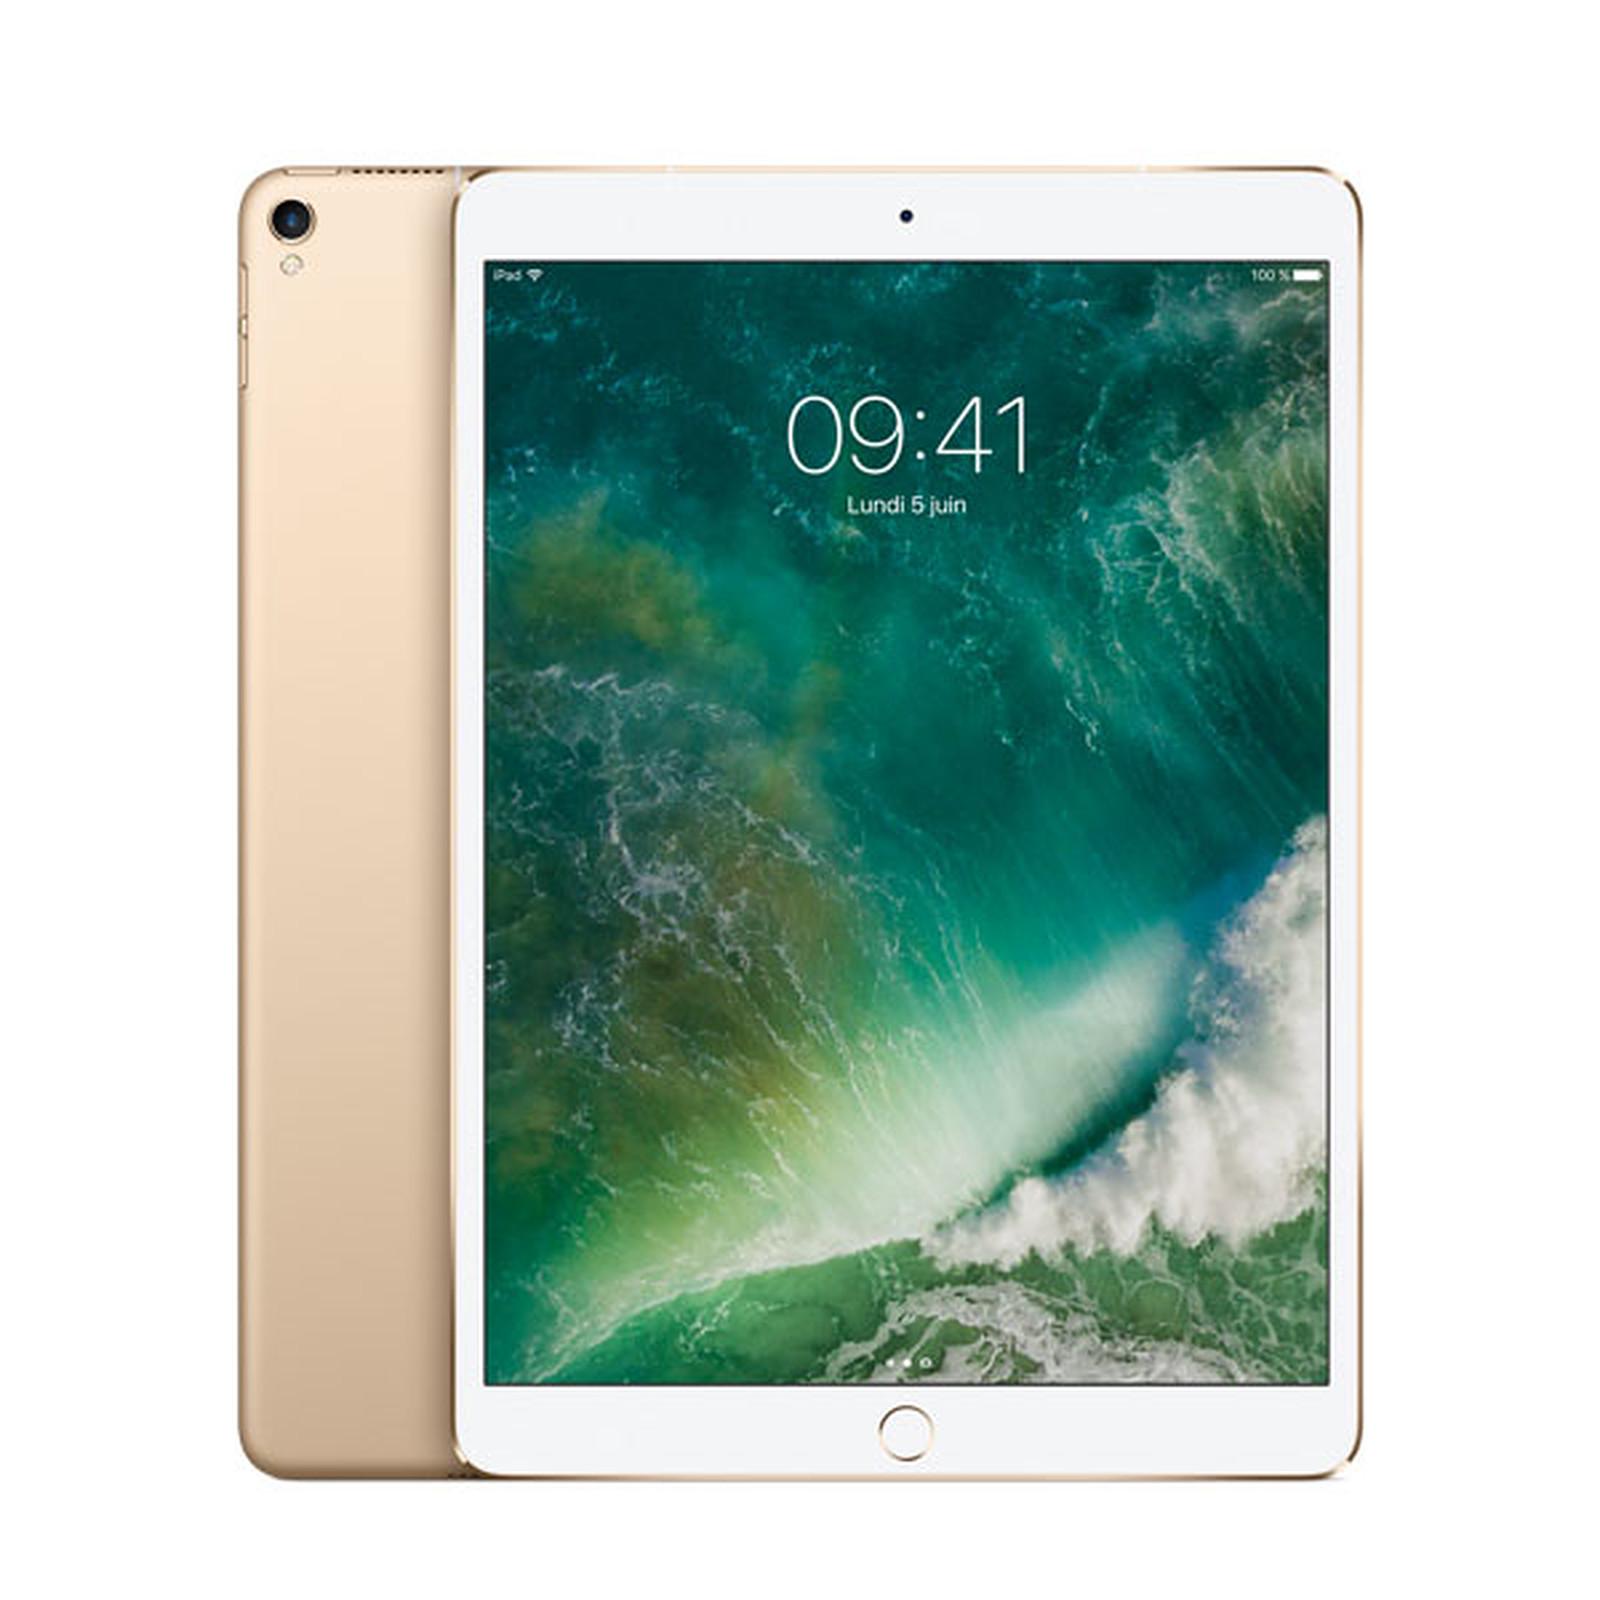 Apple iPad Pro 10.5 pouces 256 Go Wi-Fi + Cellular Or